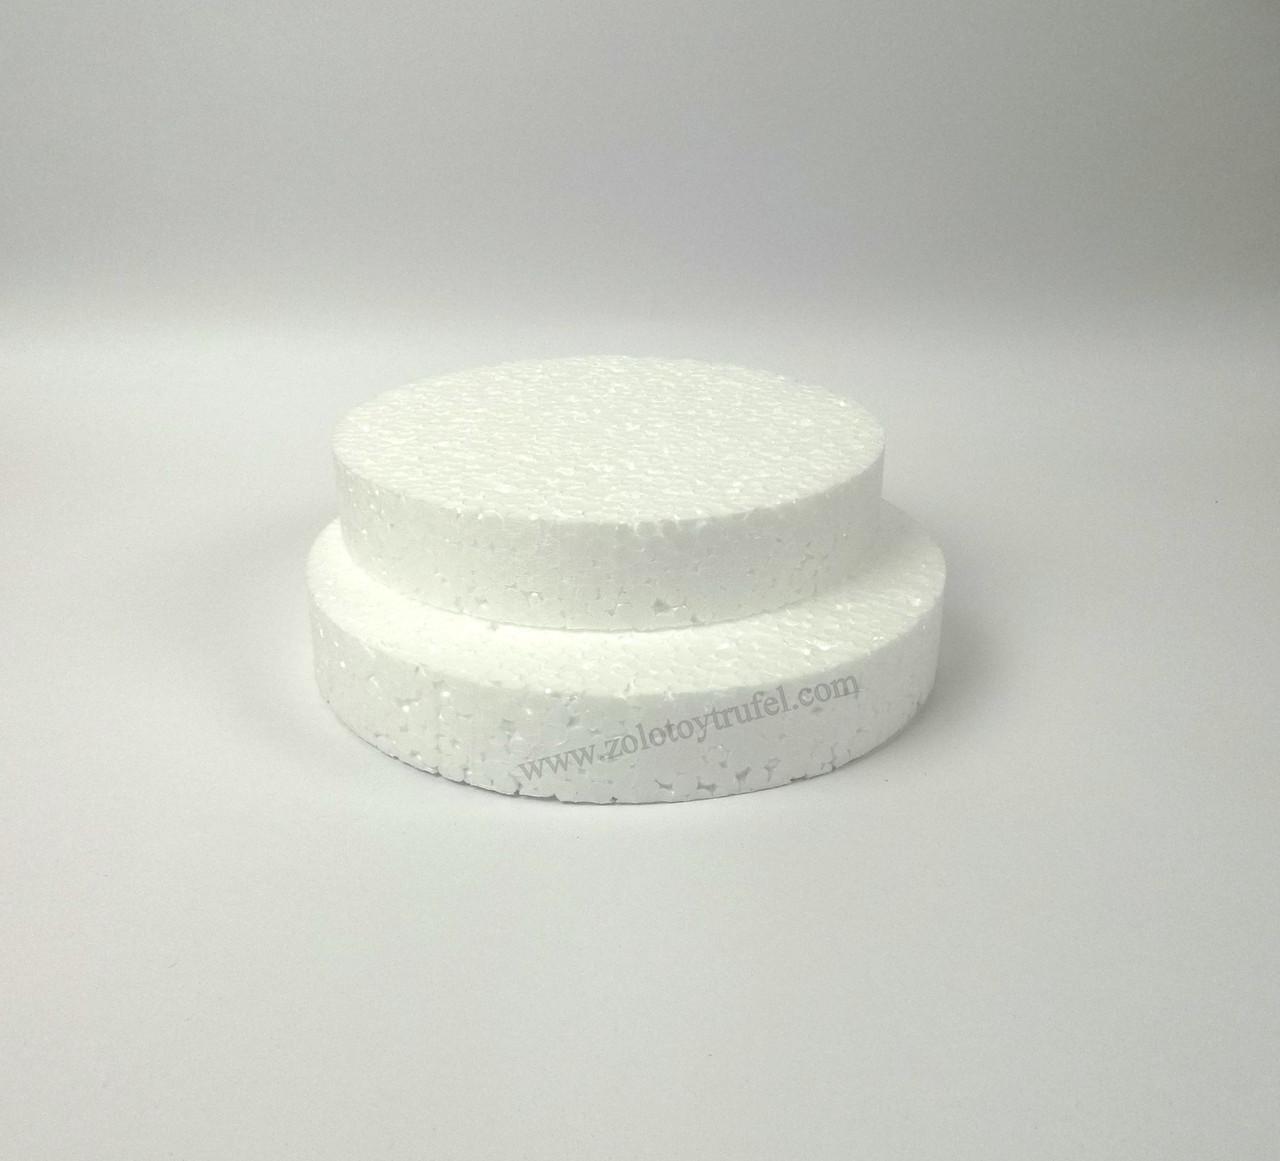 Прослойка пенопластовая для торта d 18 см h 3 см